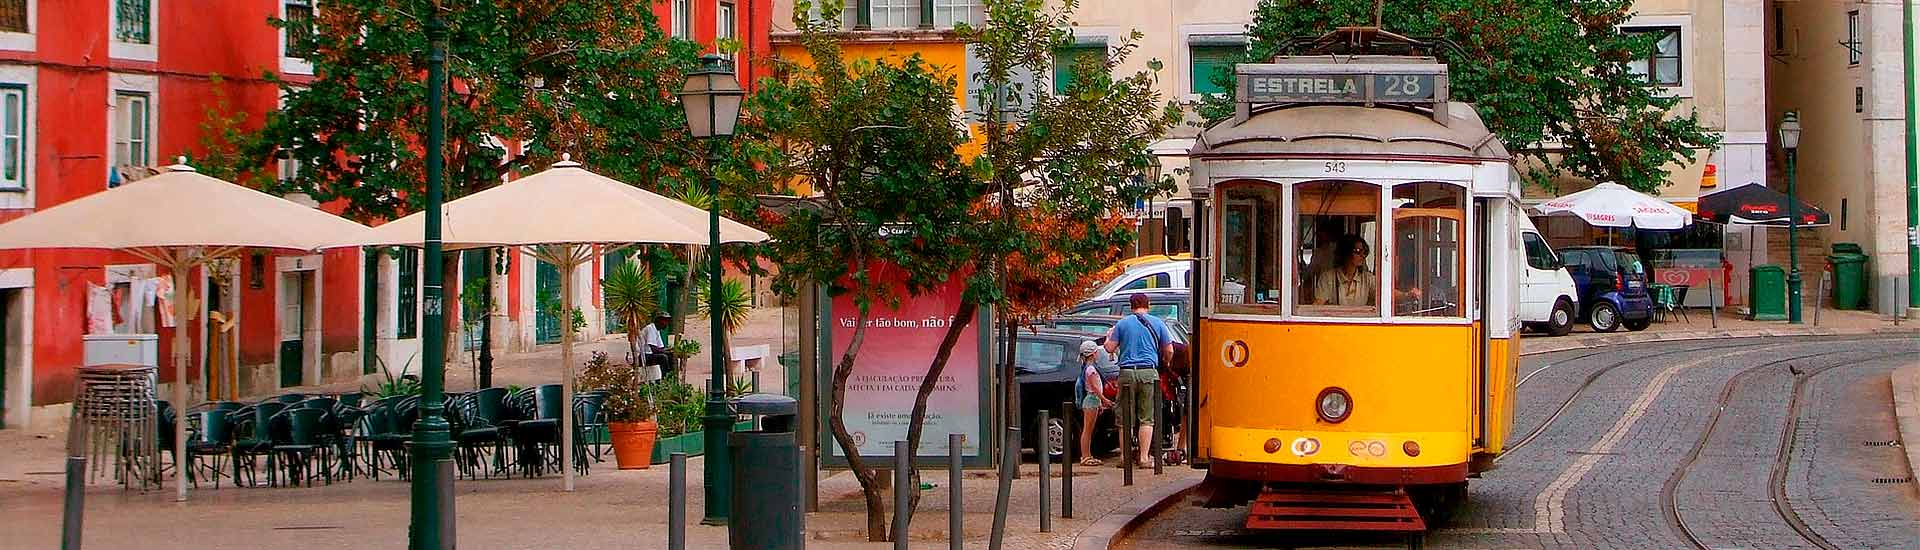 Matkat Portugaliin Resor till Portugal